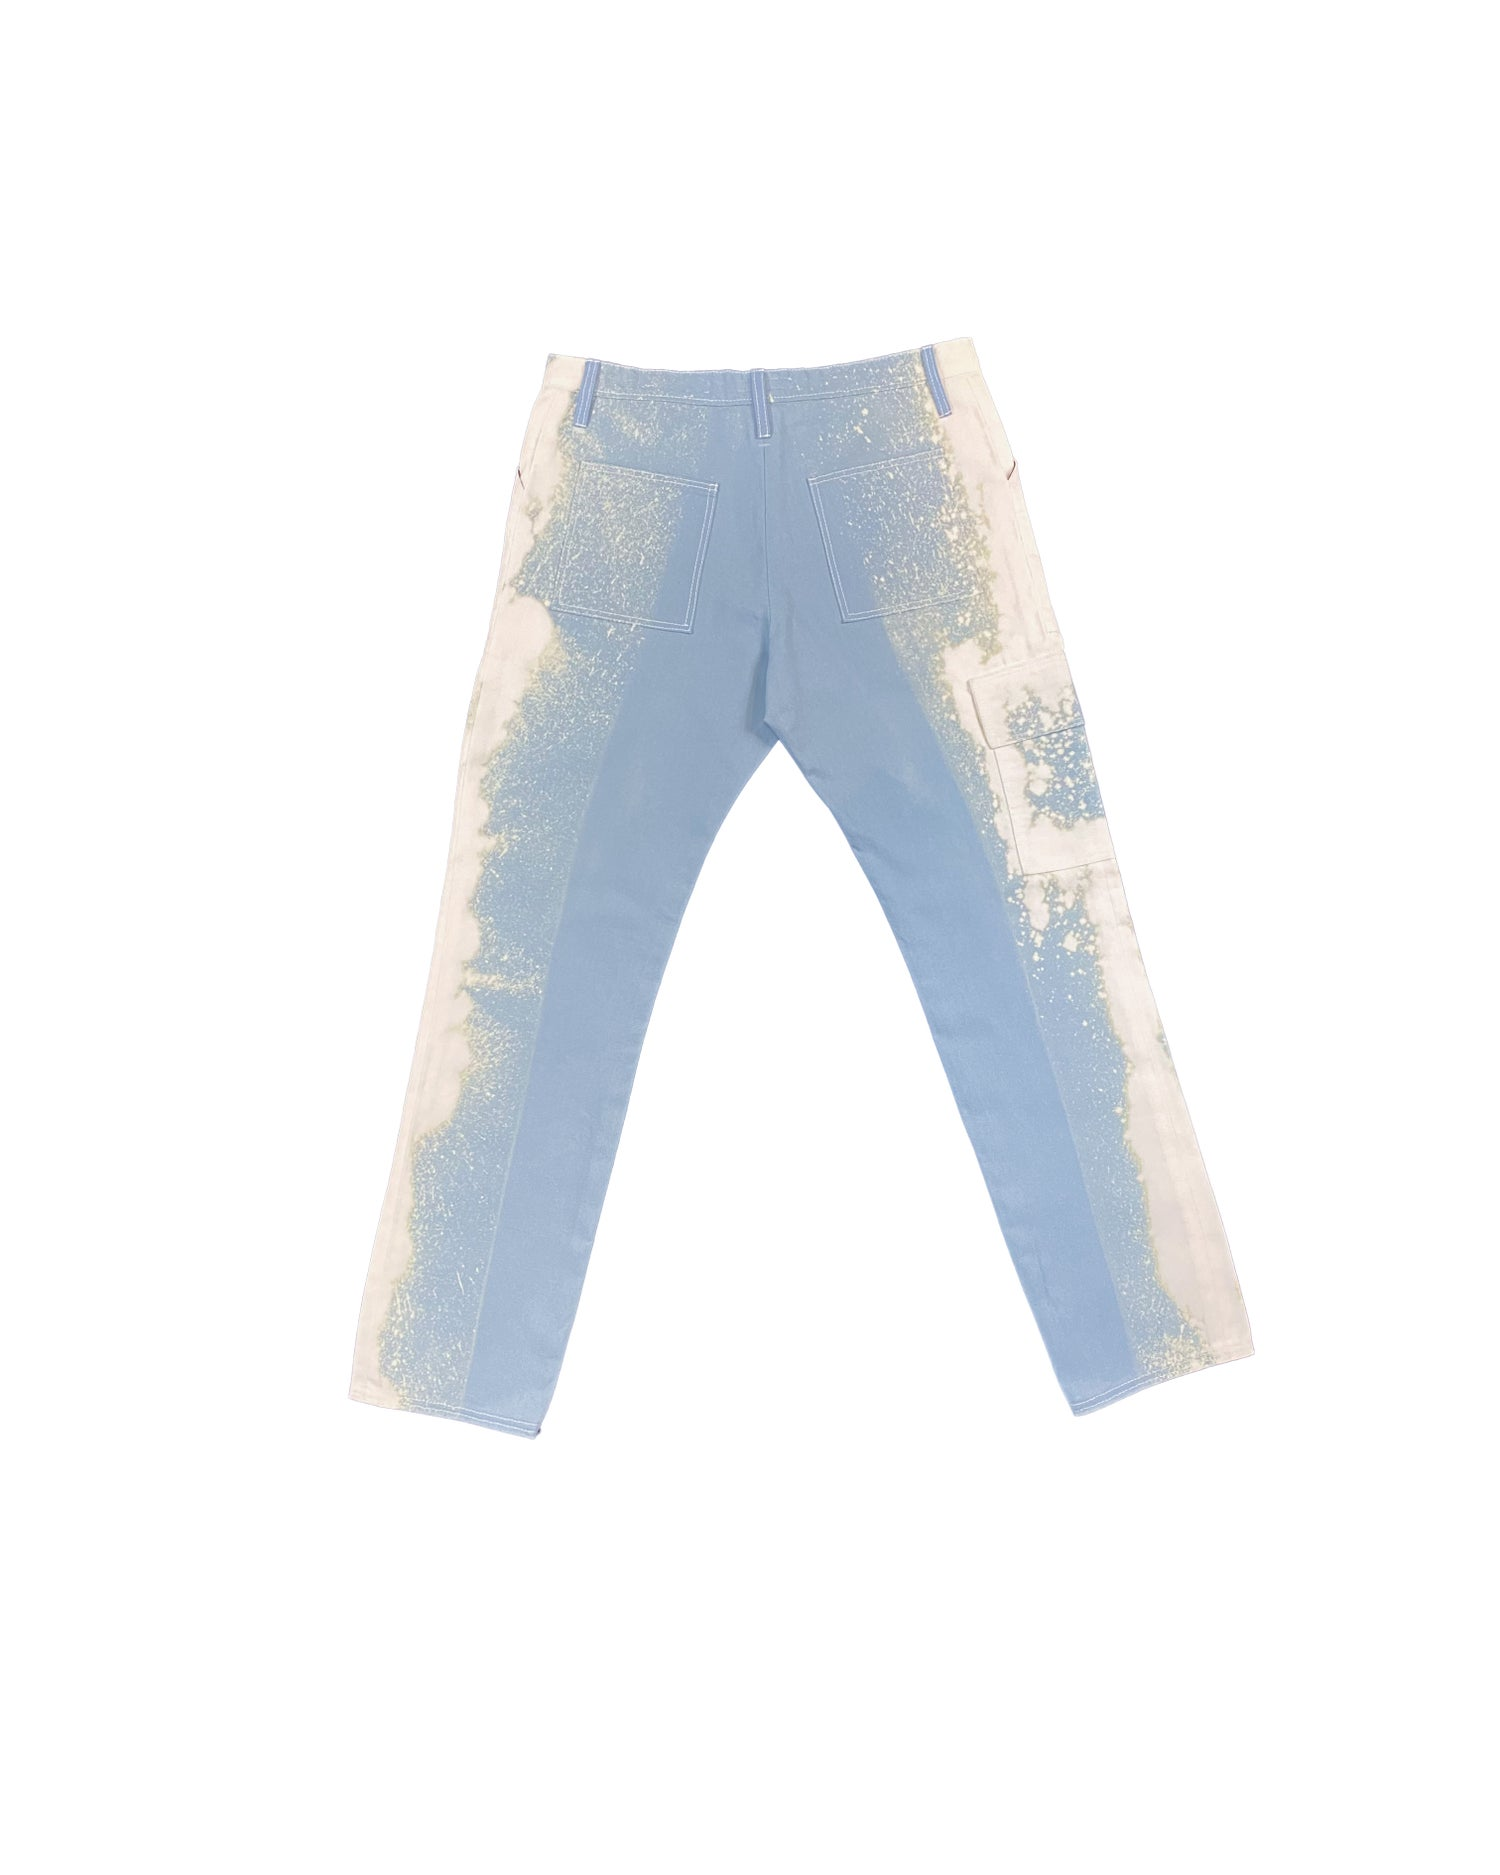 Image of Light Blue Bleach Spill Cargo Pants